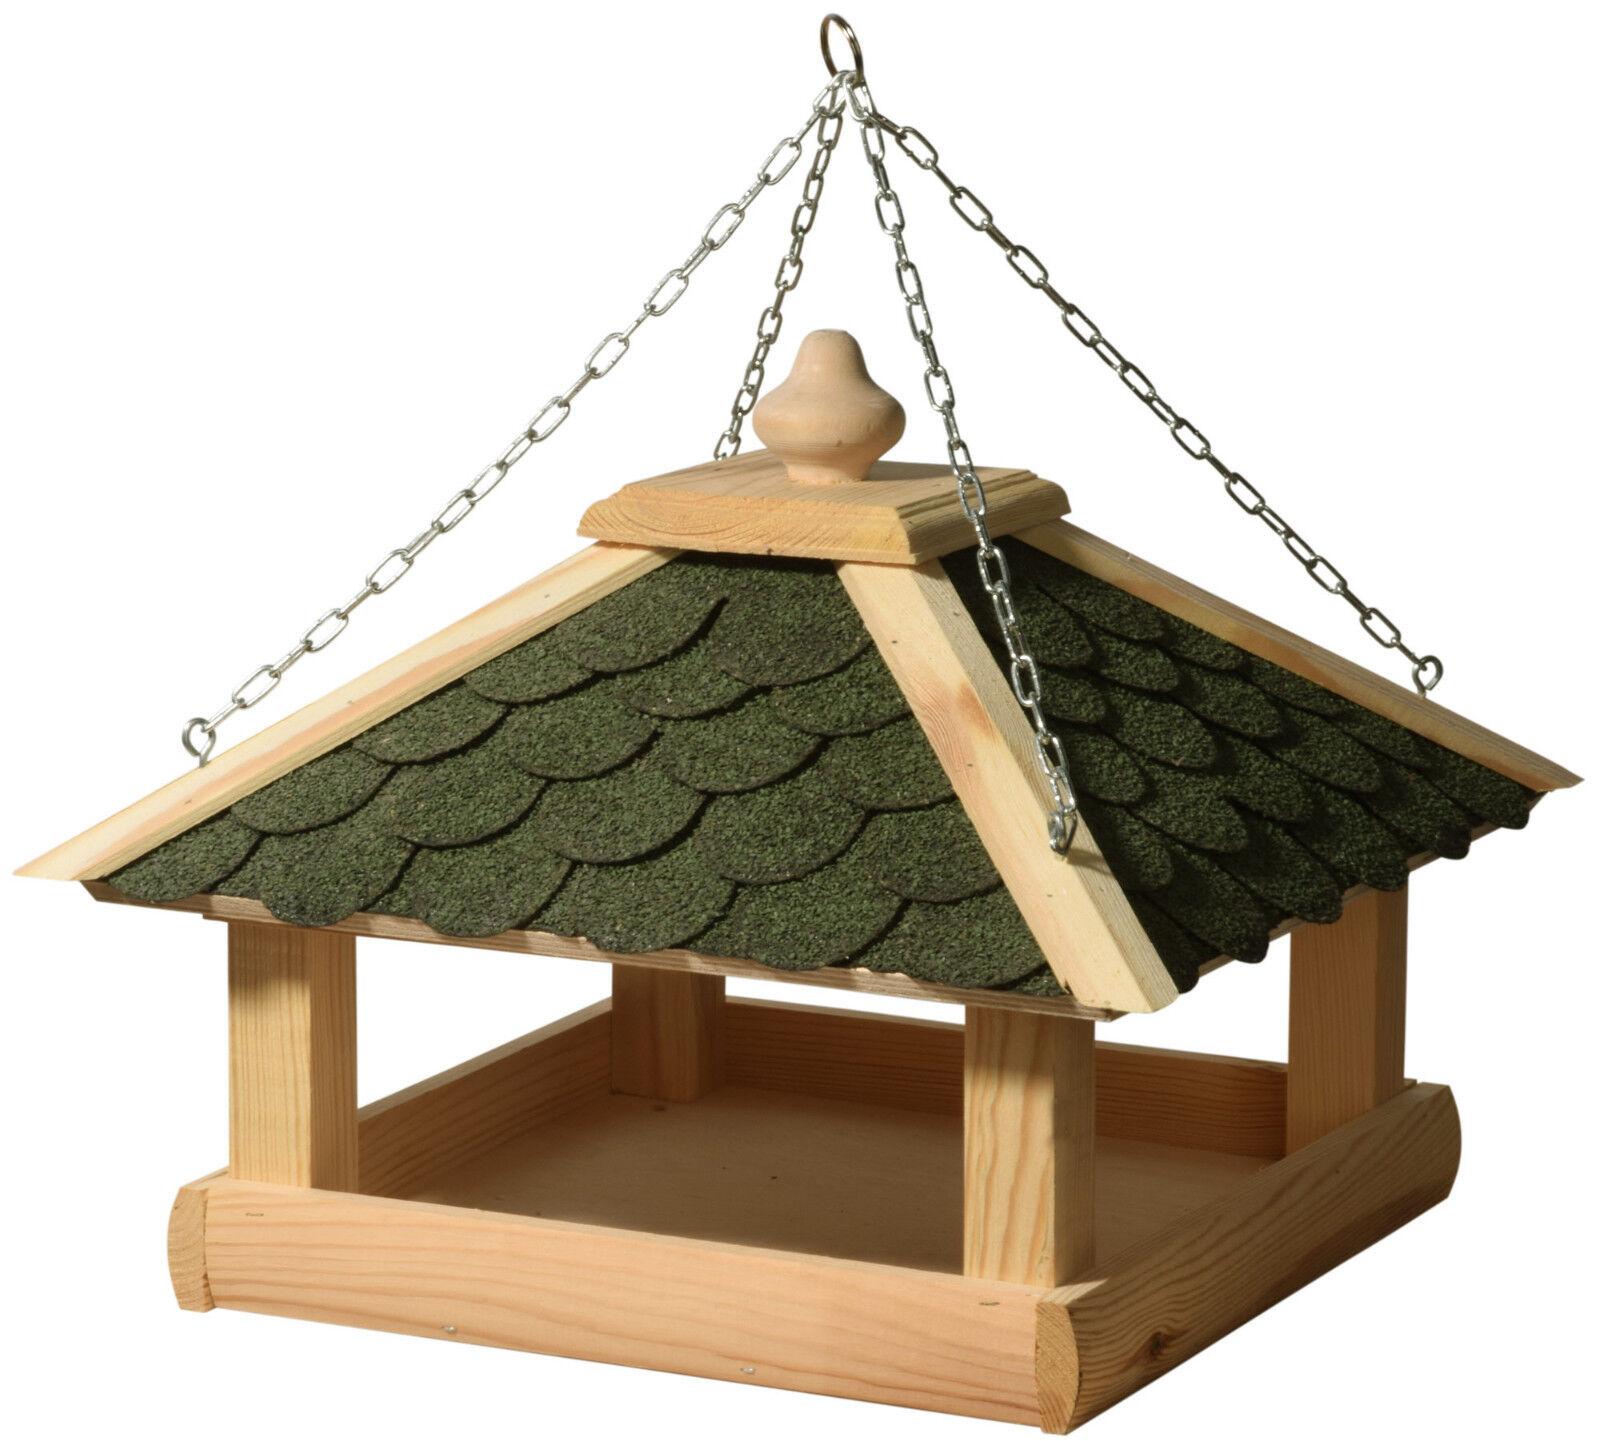 xxl fachwerk vogelhaus niedersachsen mit pferdek pfen. Black Bedroom Furniture Sets. Home Design Ideas